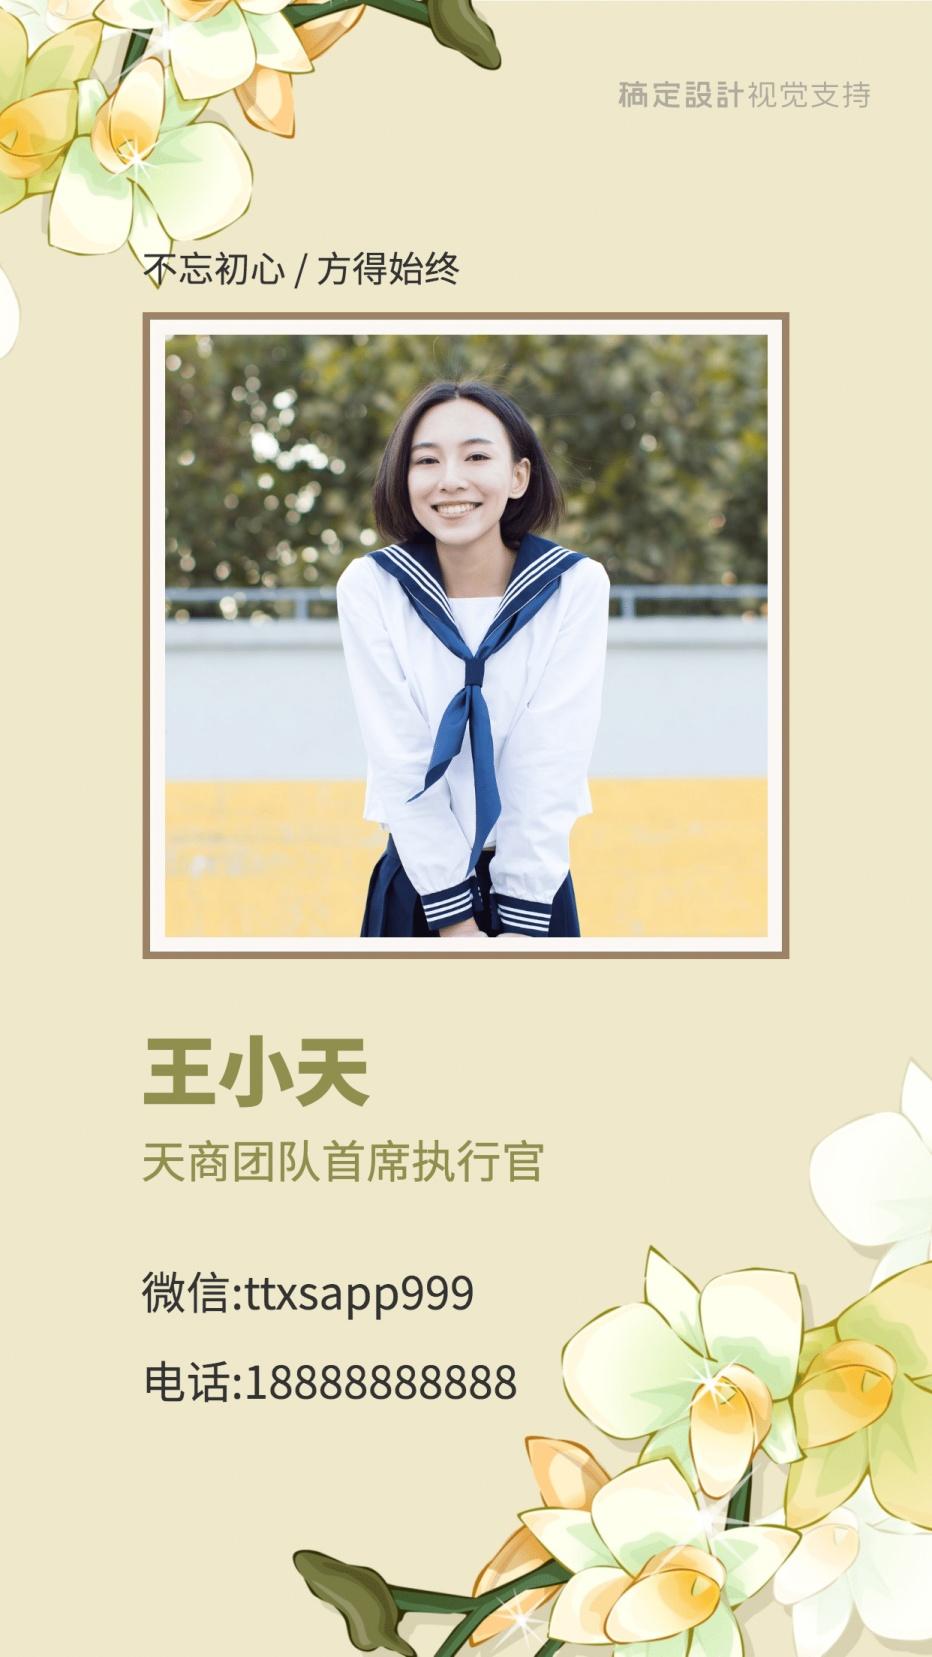 简约清新社交名片